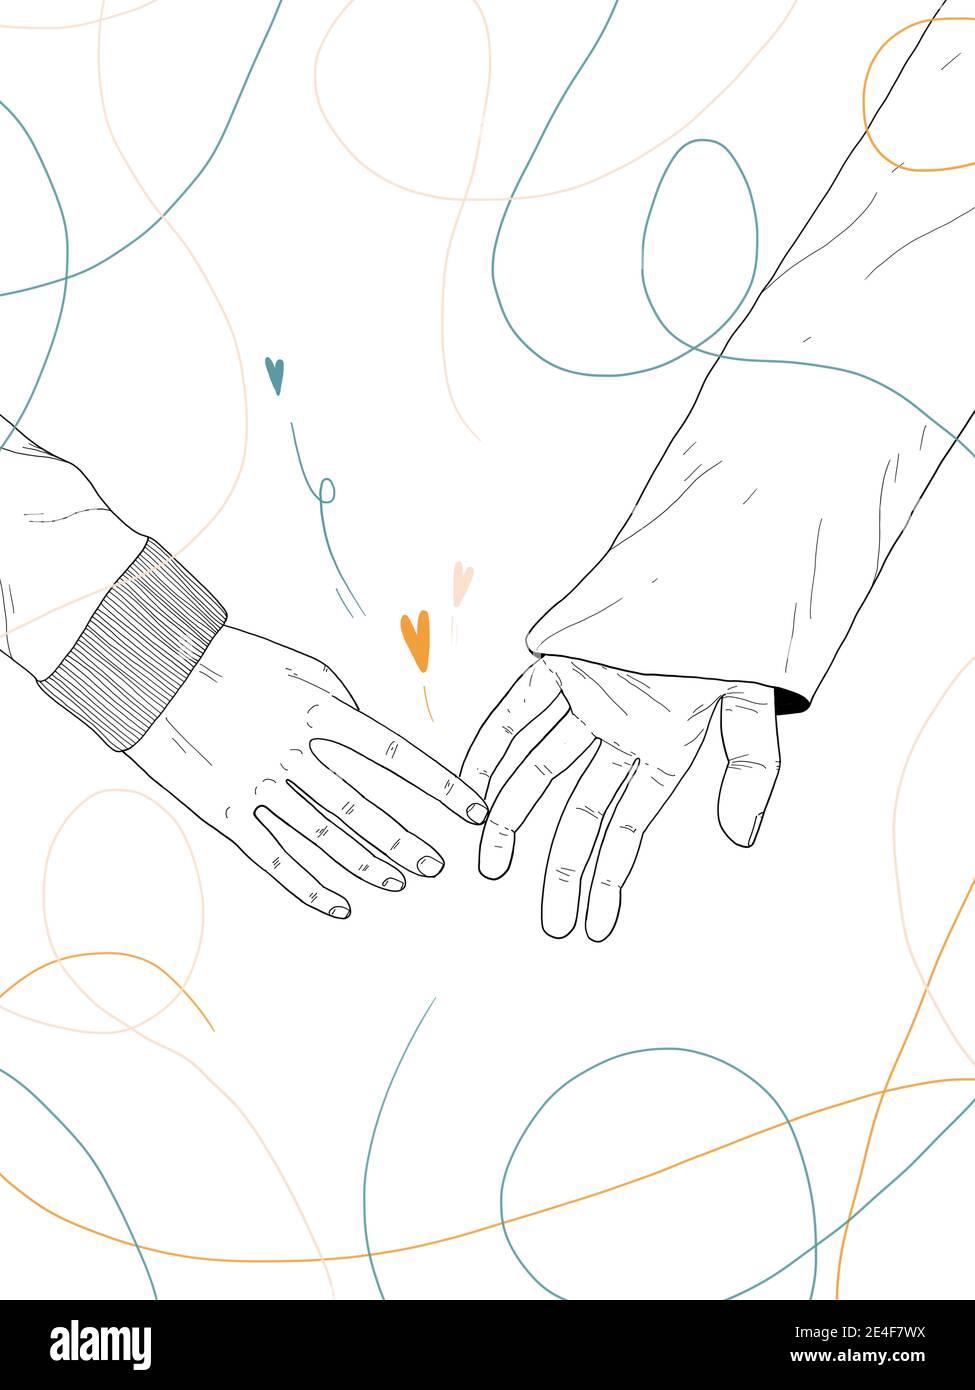 Dibujo de mano Ilustración de una pareja dando las manos sobre wehte antecedentes Foto de stock